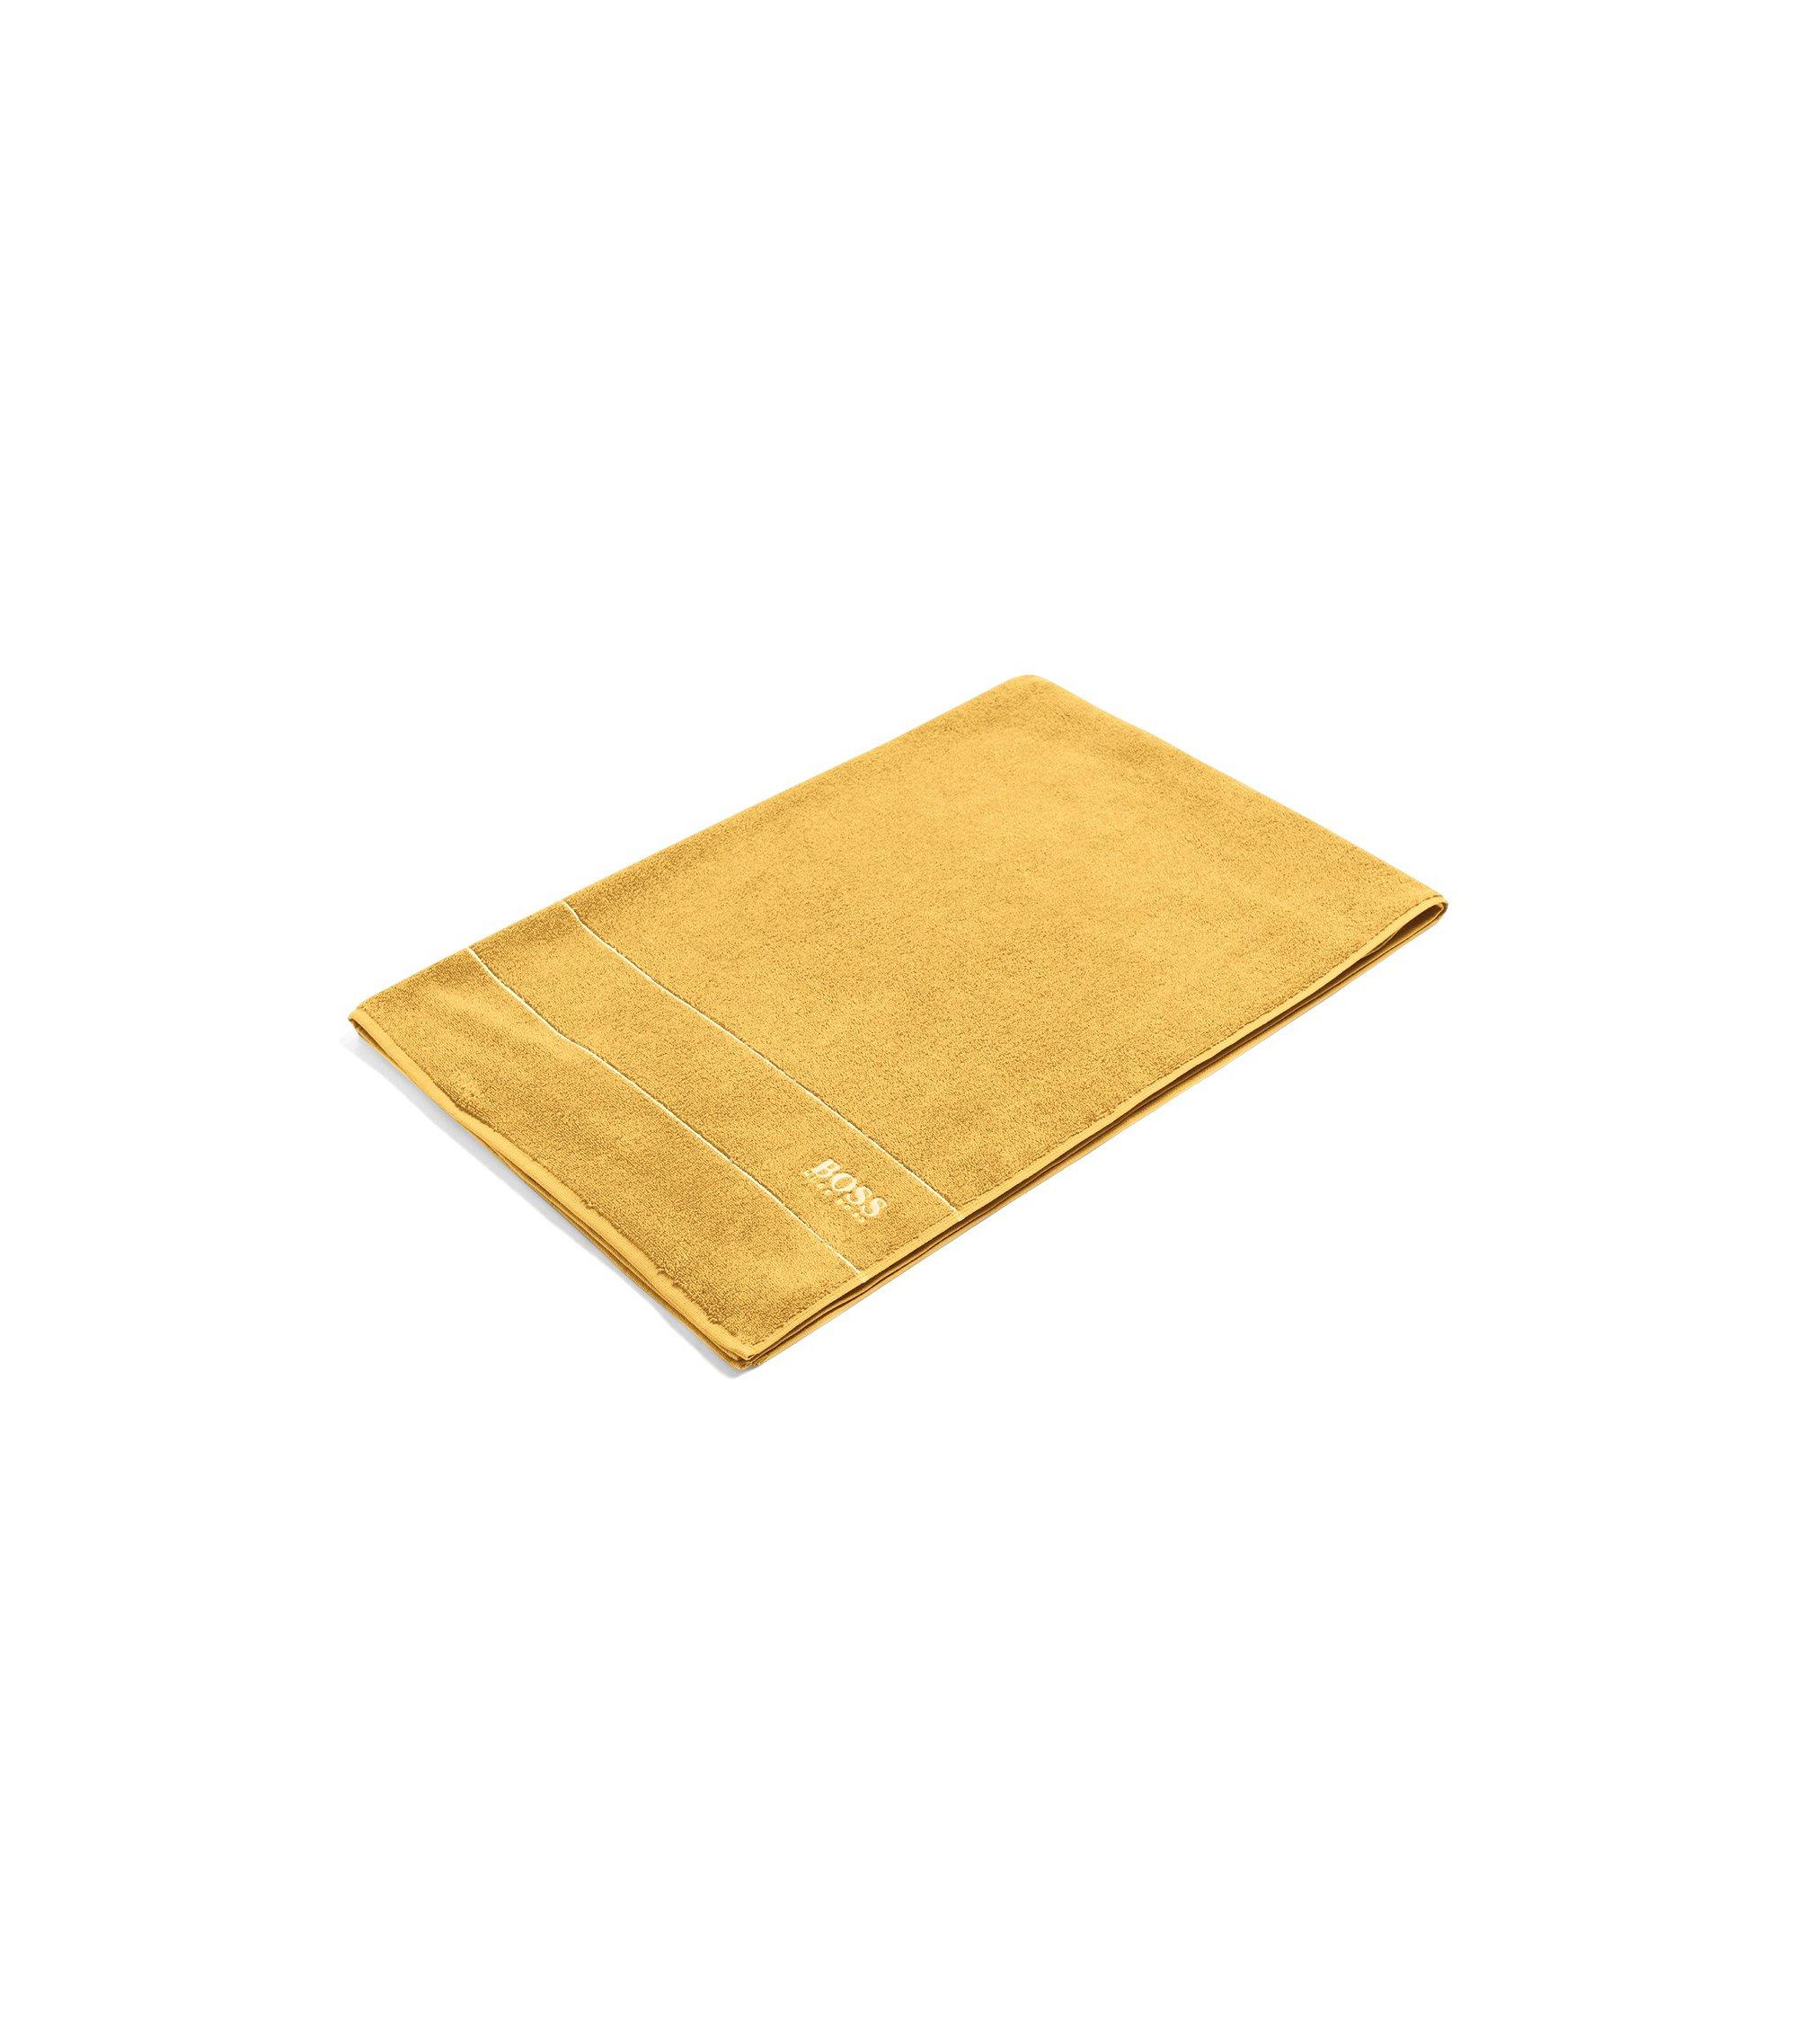 Badlaken van de fijnste Egyptische katoen met rand met logo, goud